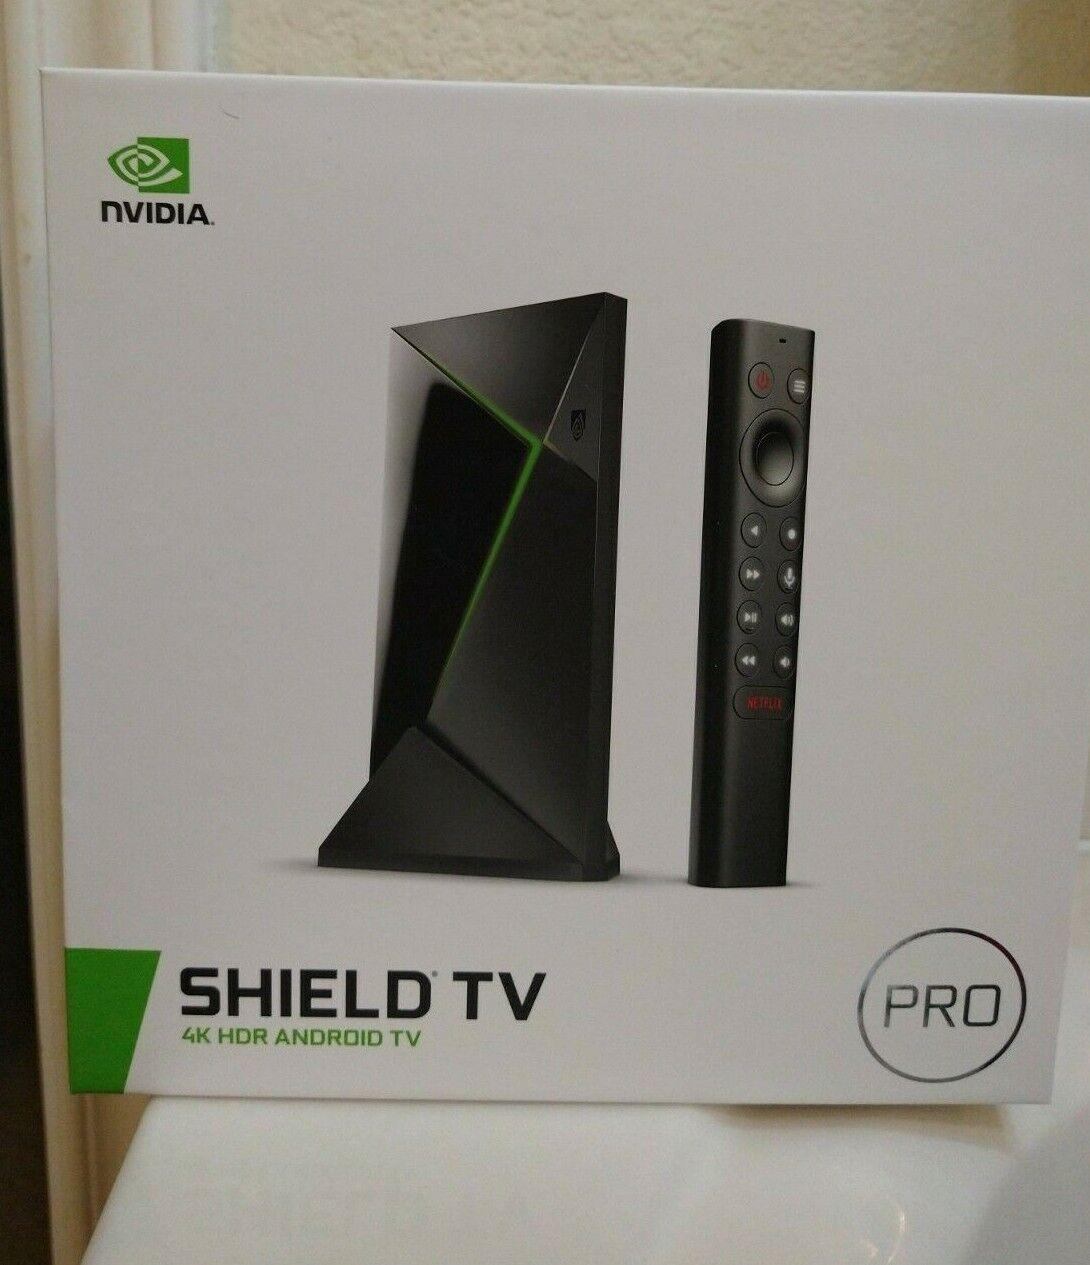 Nvidia Shield TV Pro 4K 2019 model android TV streaming box